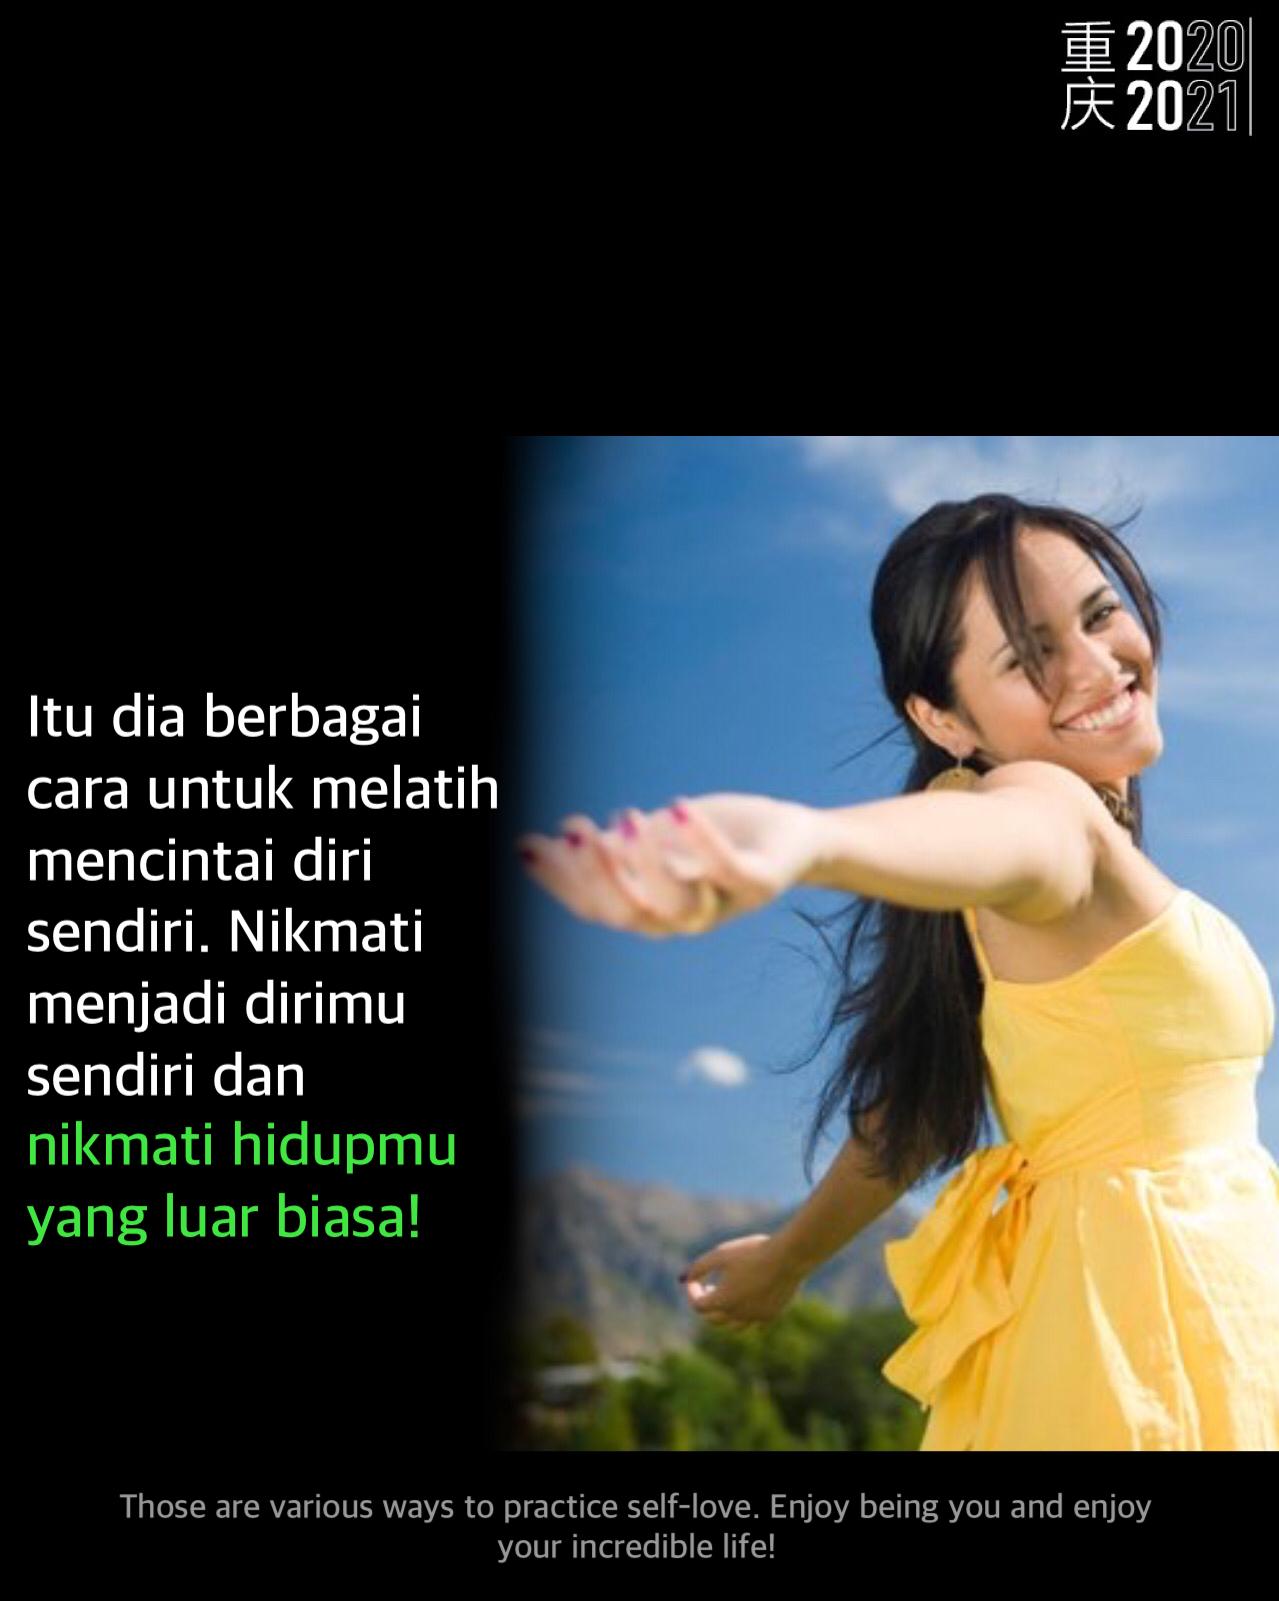 101604938439_.pic_hd